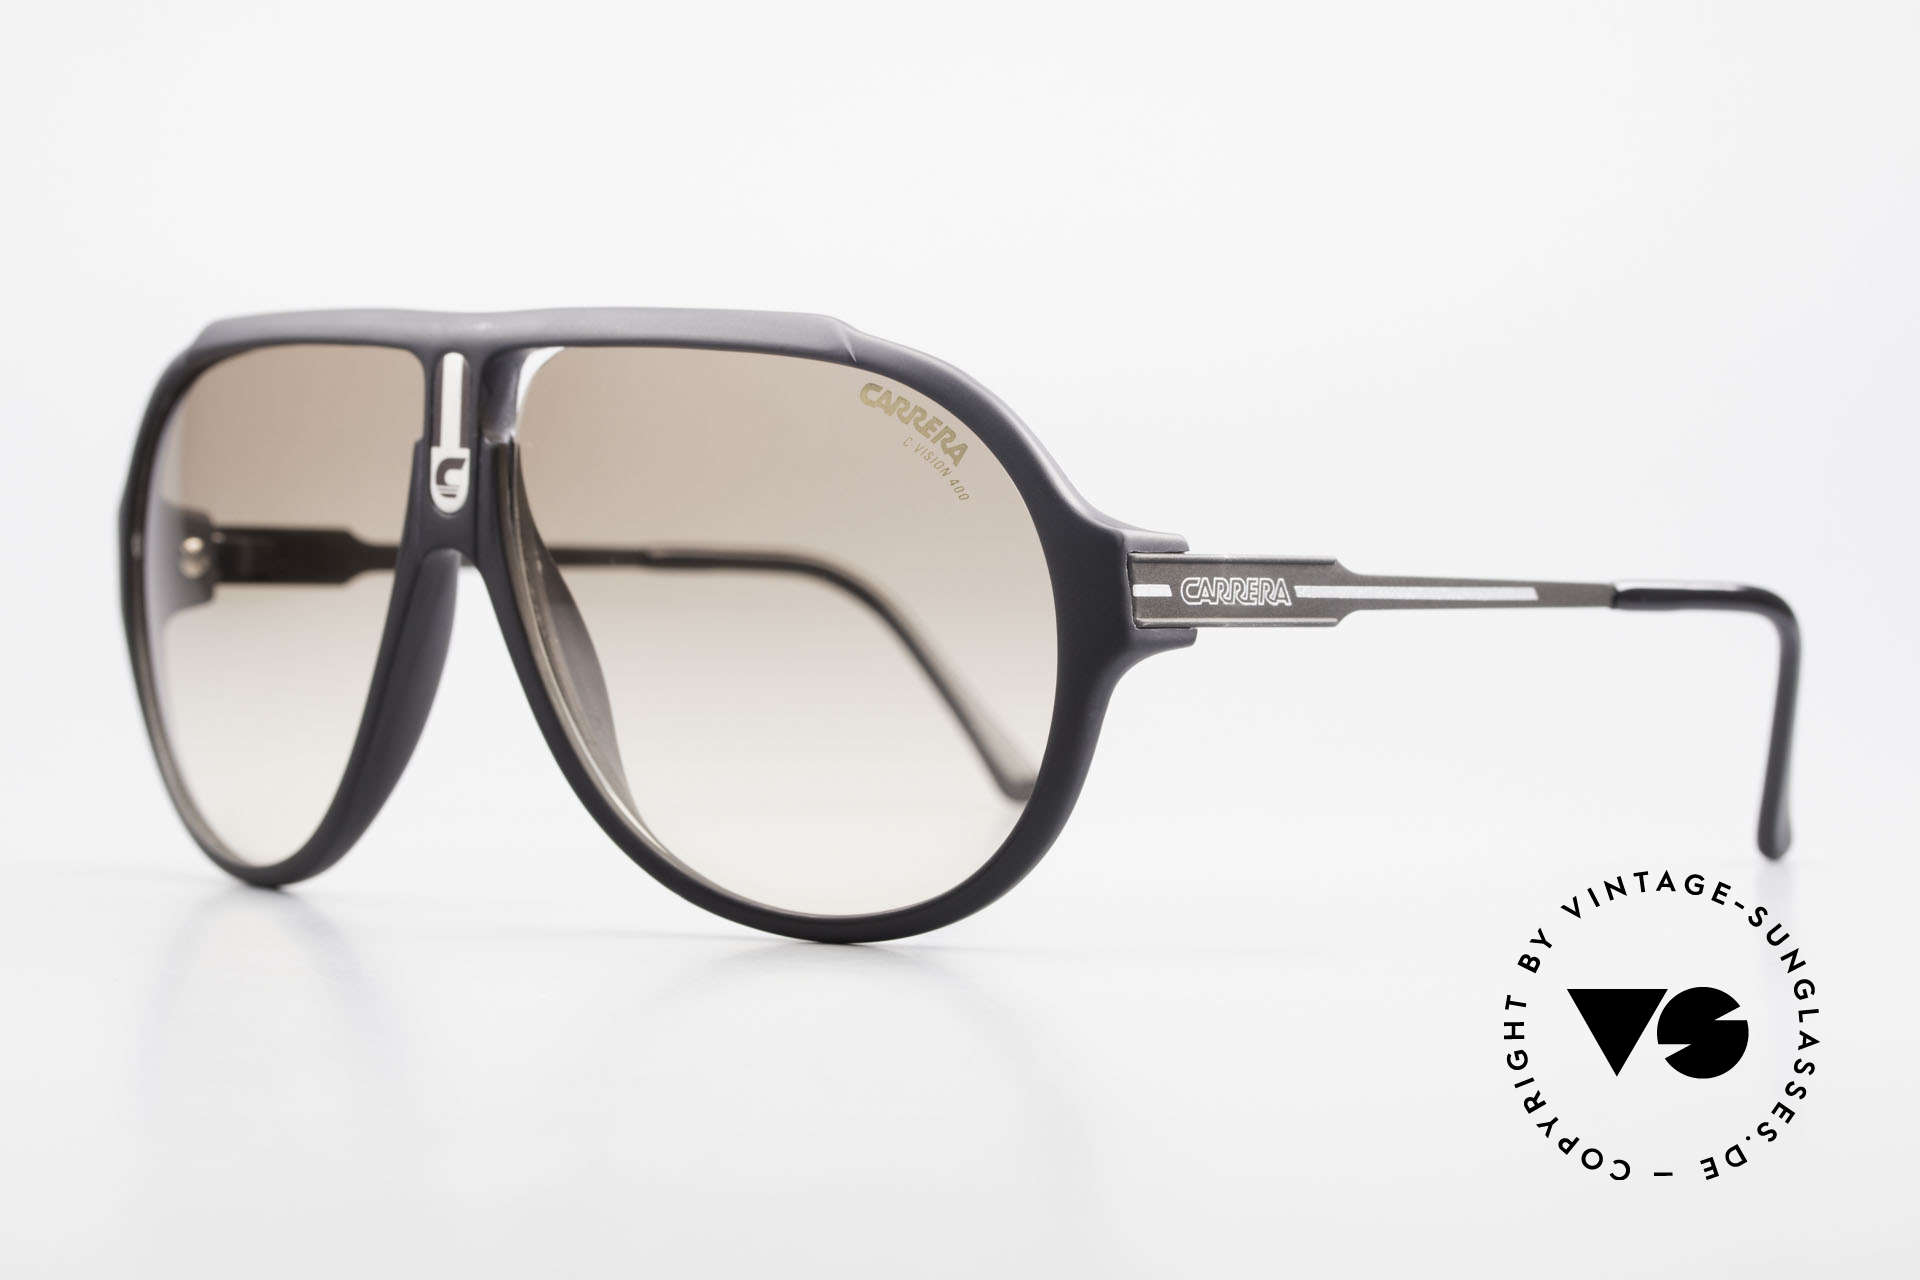 Carrera 5565 Alte Sonnenbrille 80er Vintage, langlebiges Optyl-Material (scheint nicht zu altern), Passend für Herren und Damen